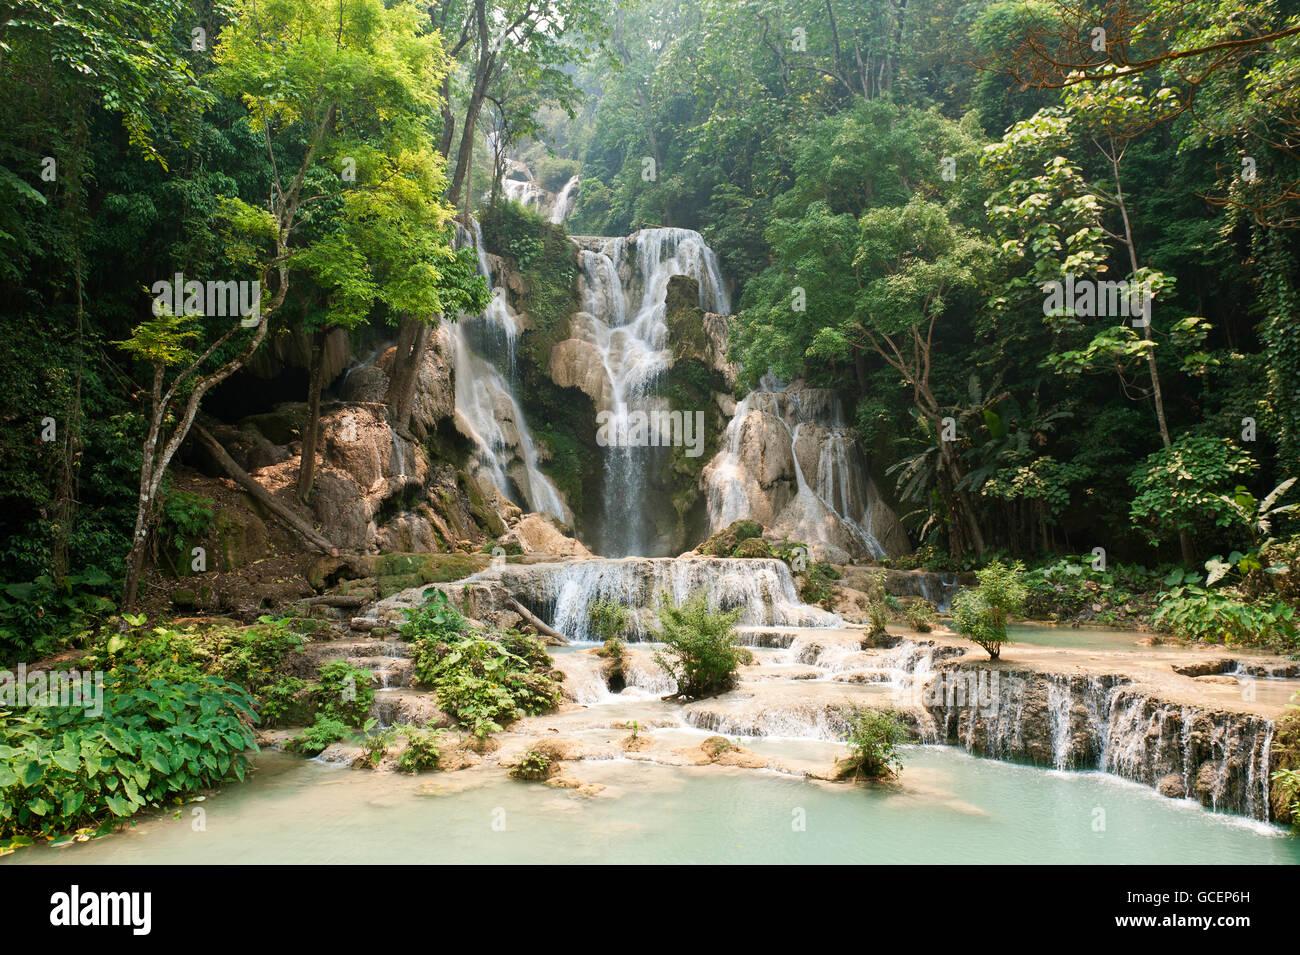 Waterfall with natural pools in the jungle, Kuang Si Waterfall, near Luang Prabang, Laos Stock Photo